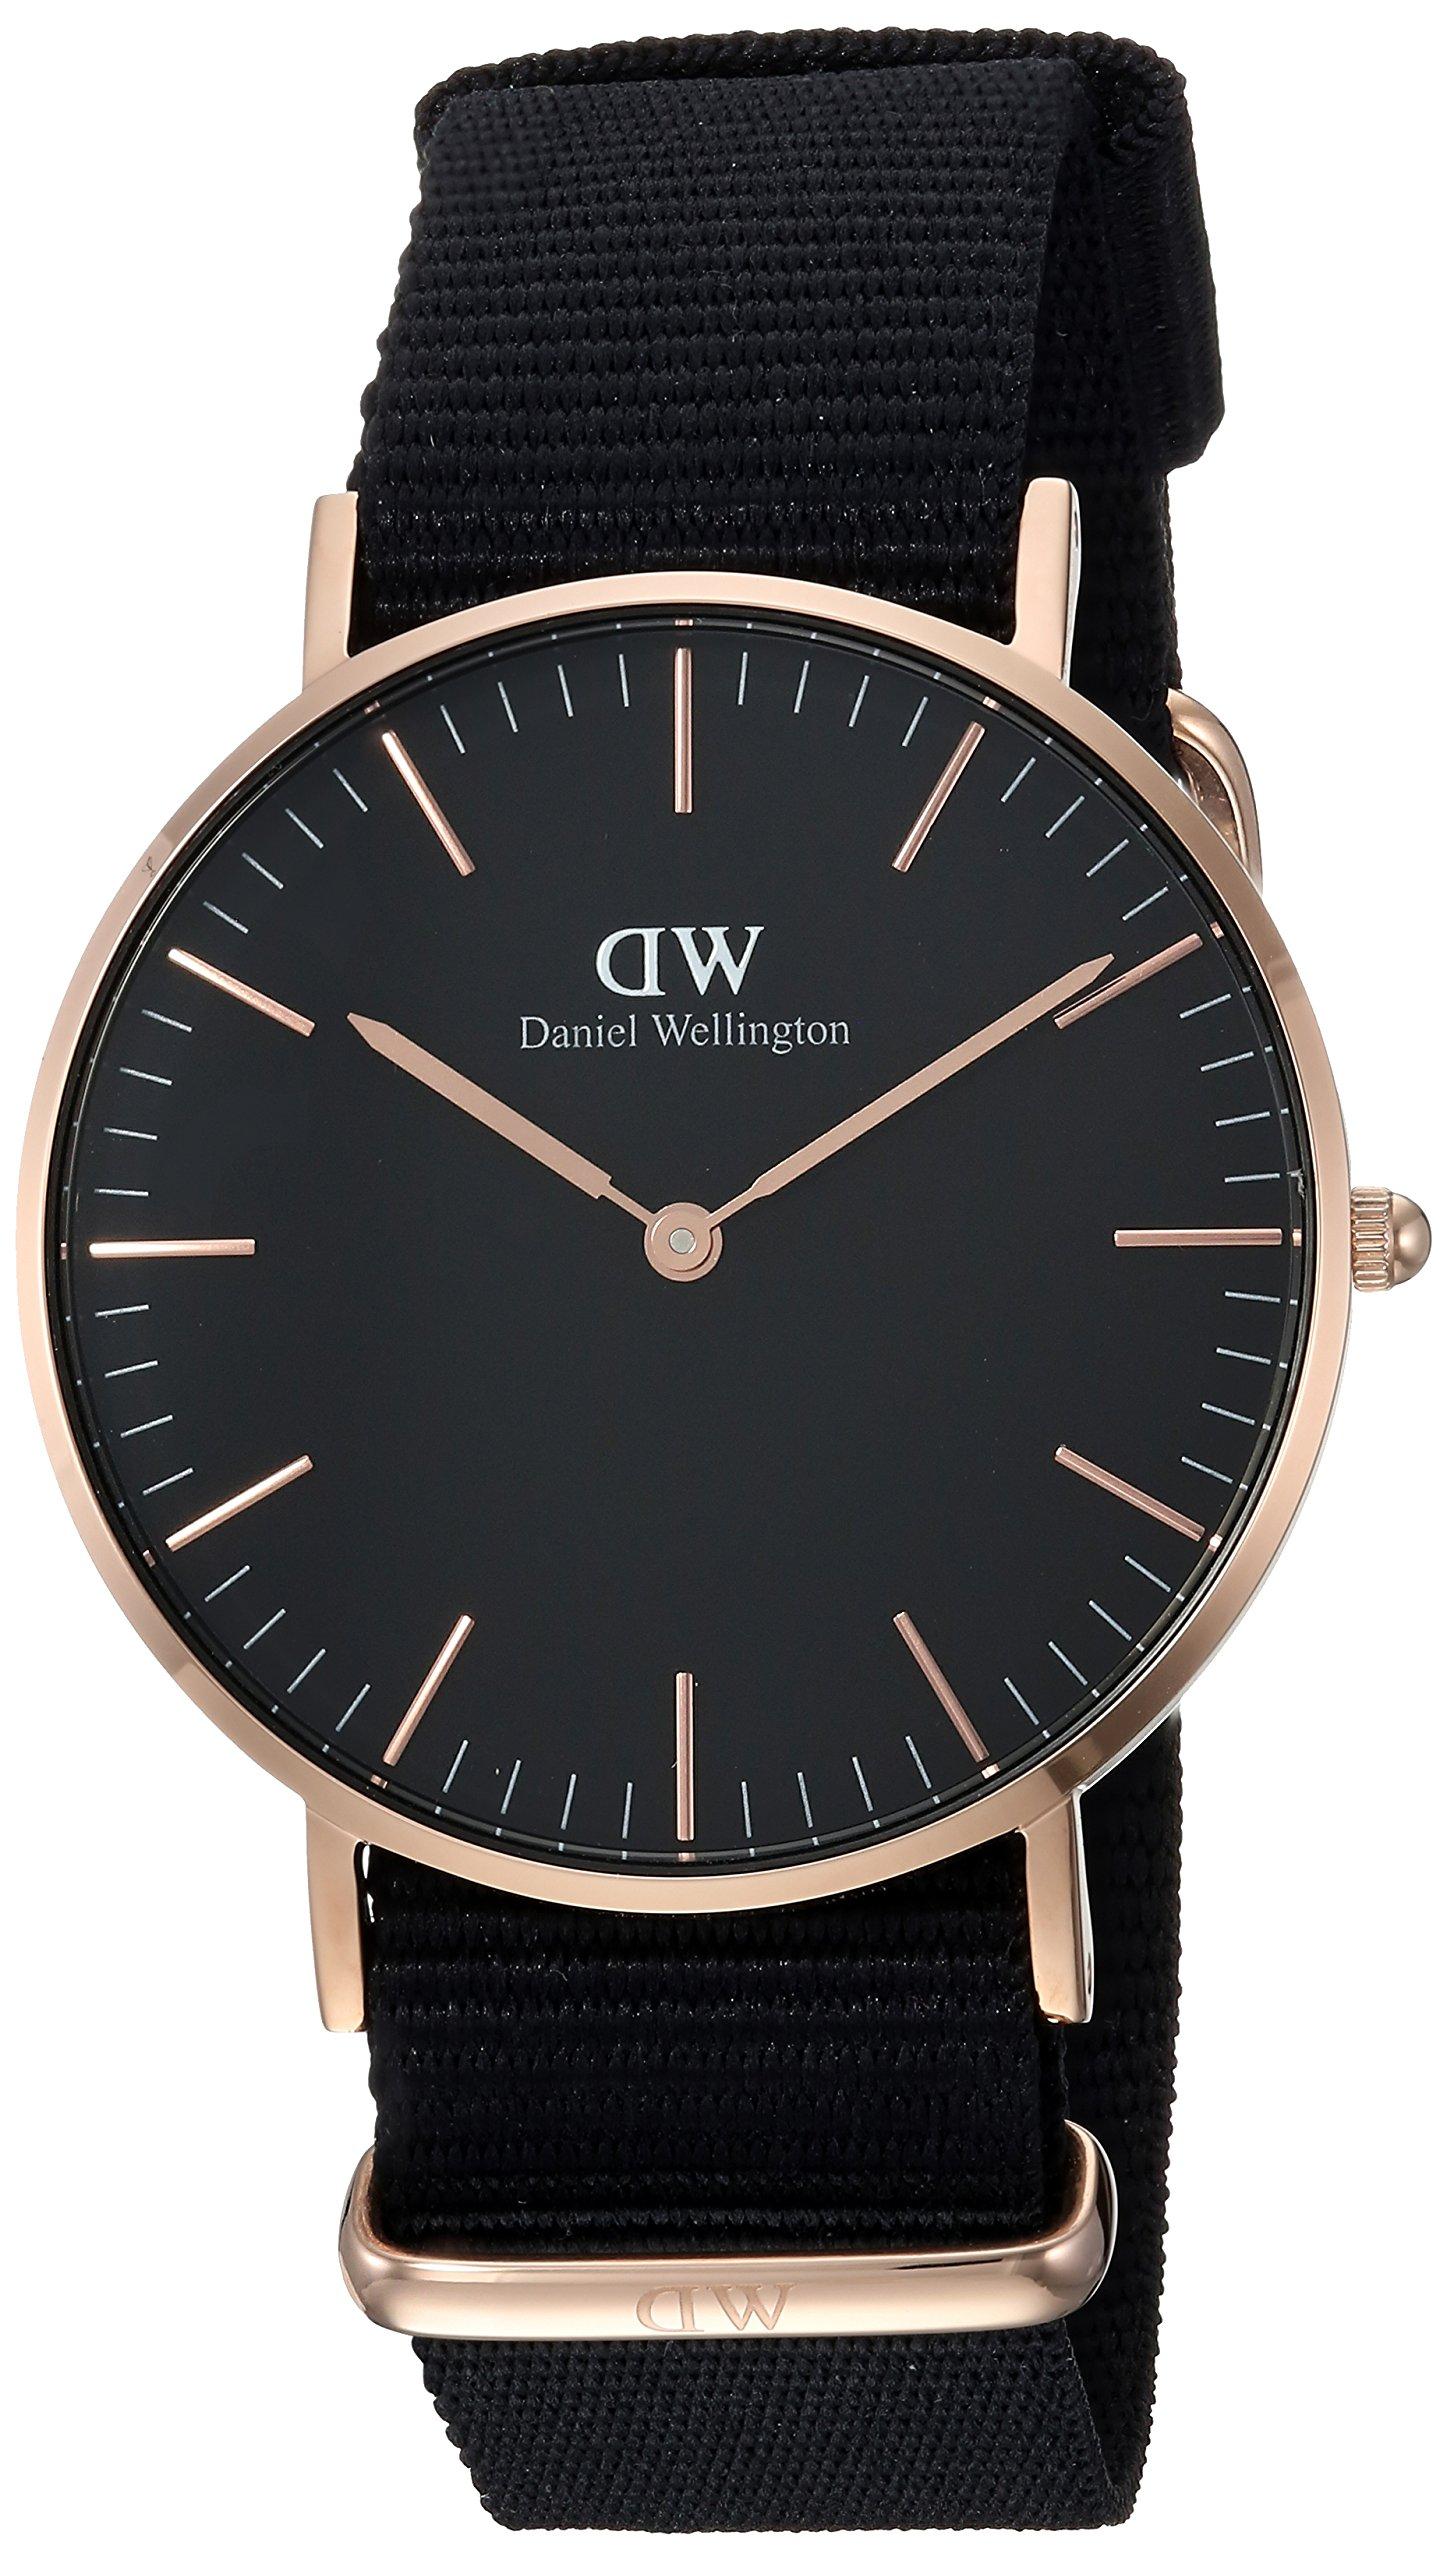 Daniel Wellington Unisex Analog Quarz Uhr mit Textil Armband DW00100150 15